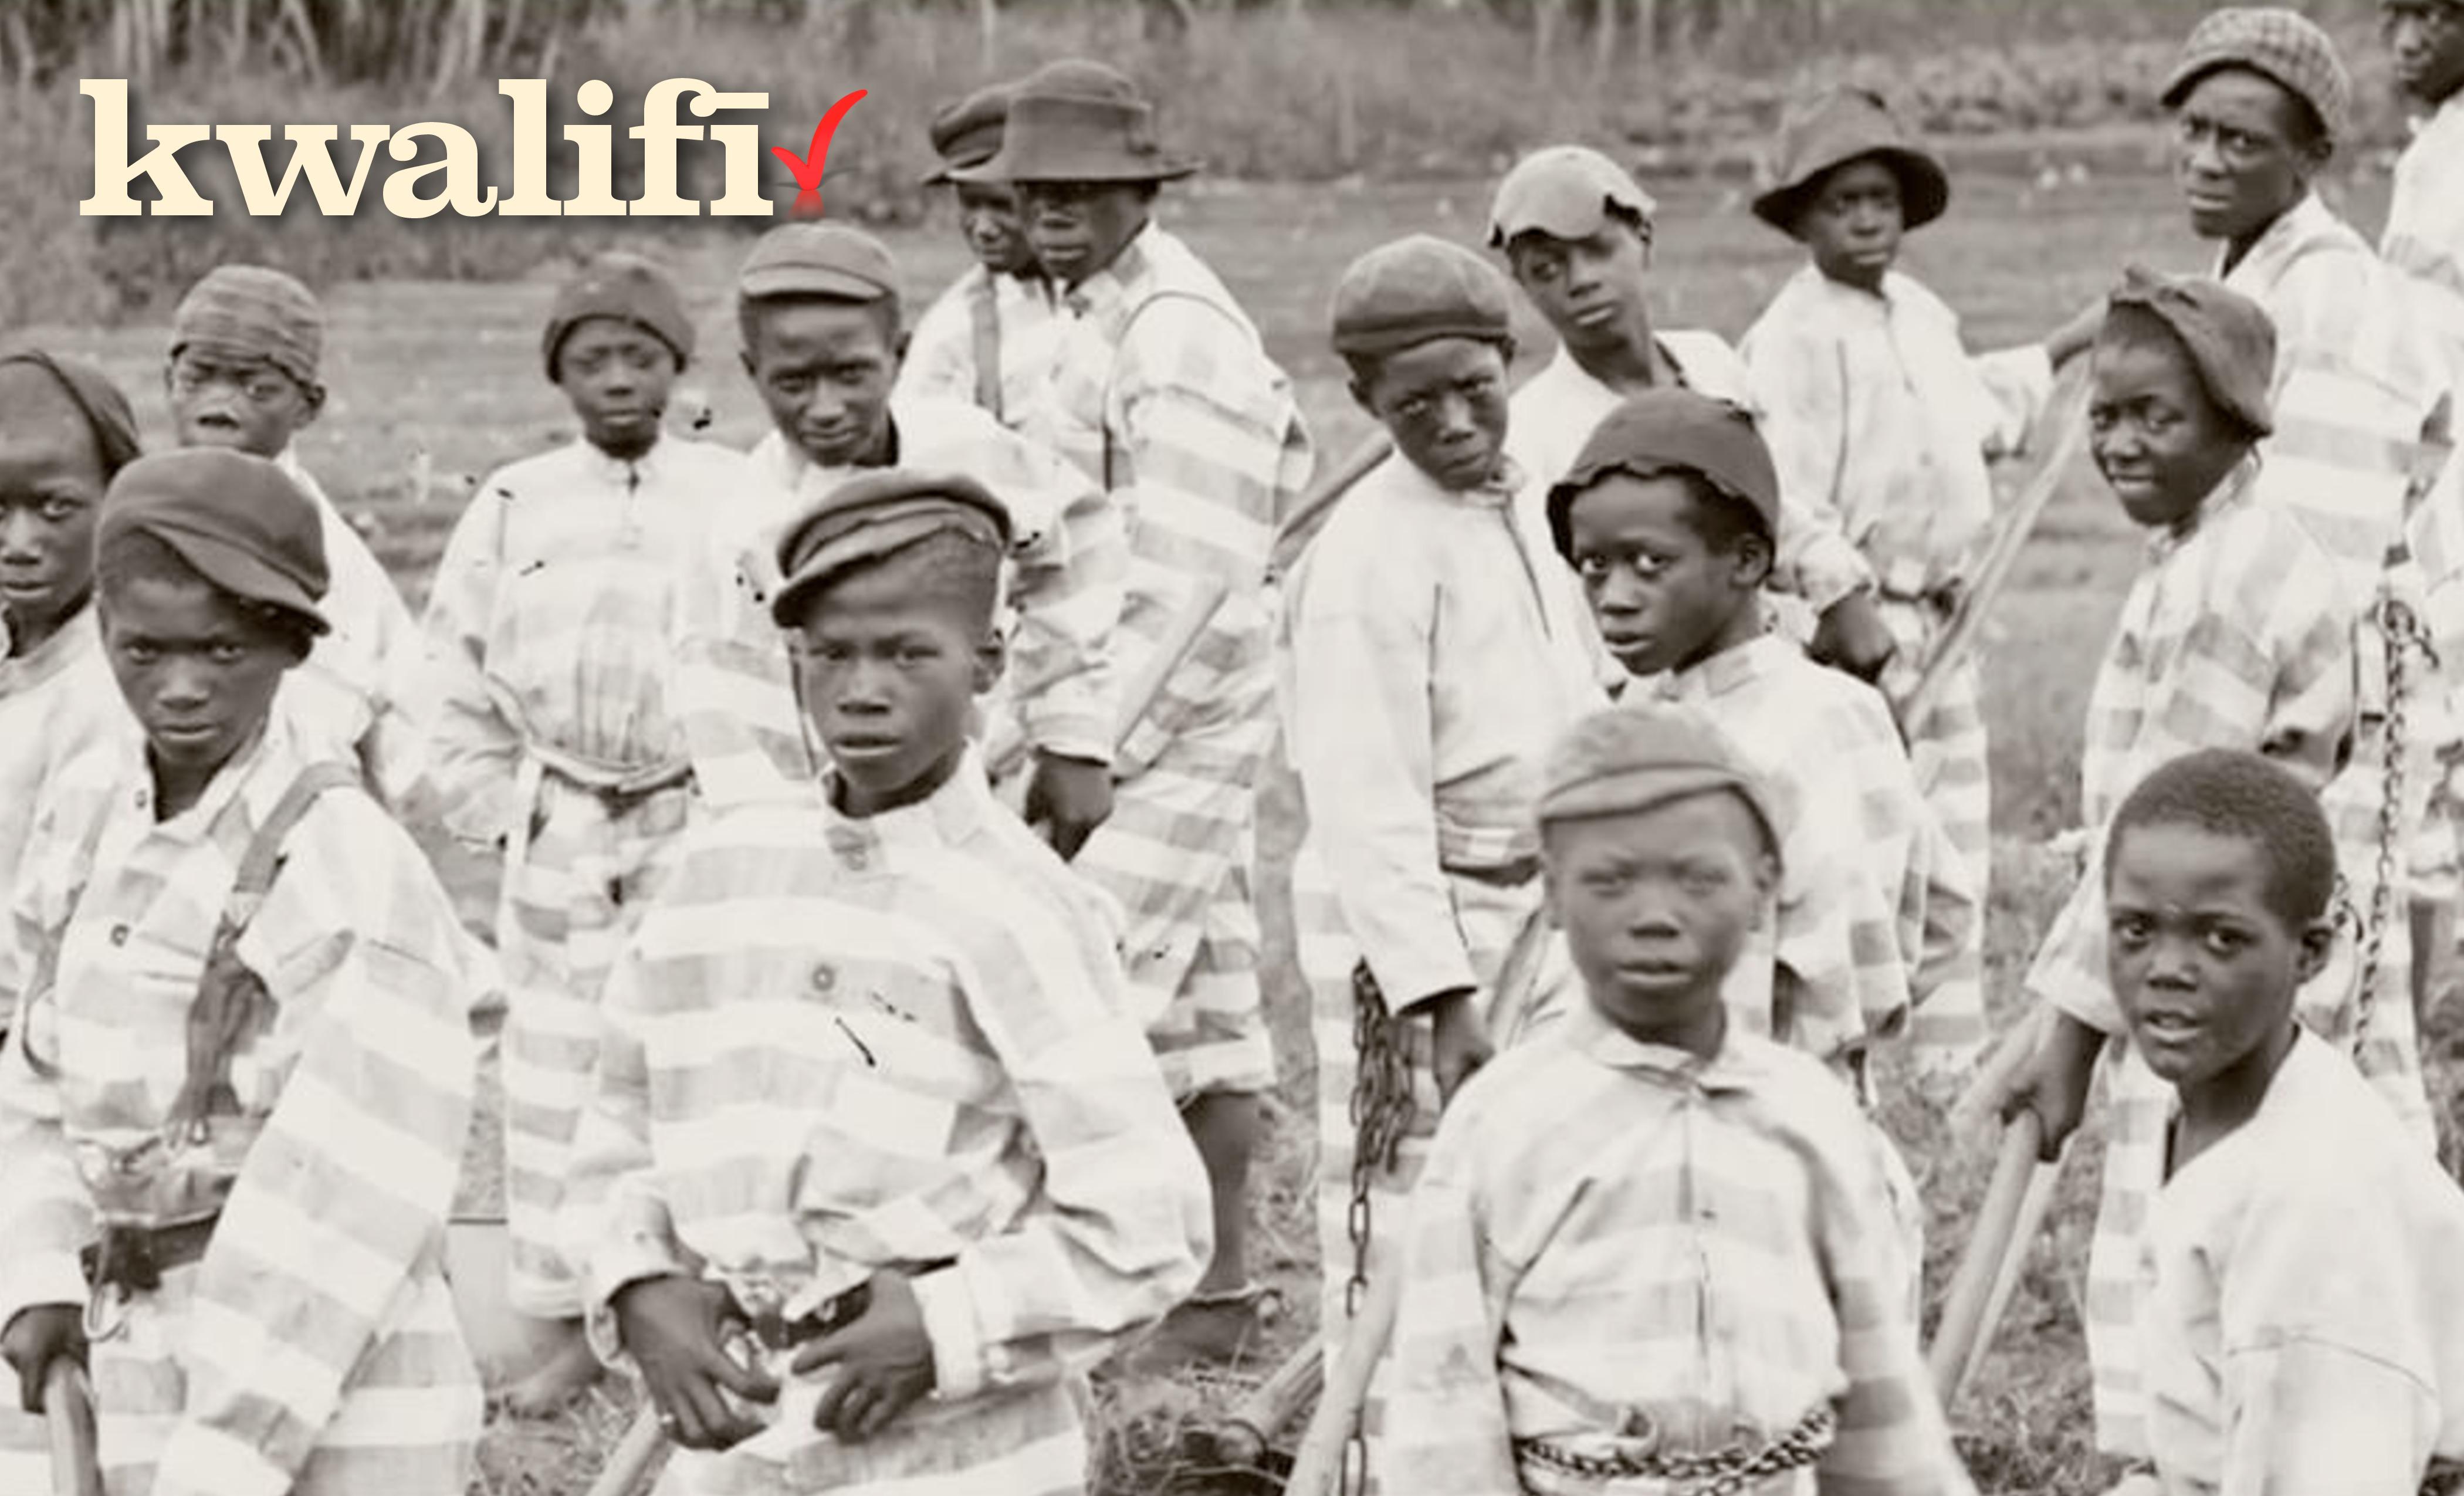 Kwalifi - Black Boys Prison Poster-page-0